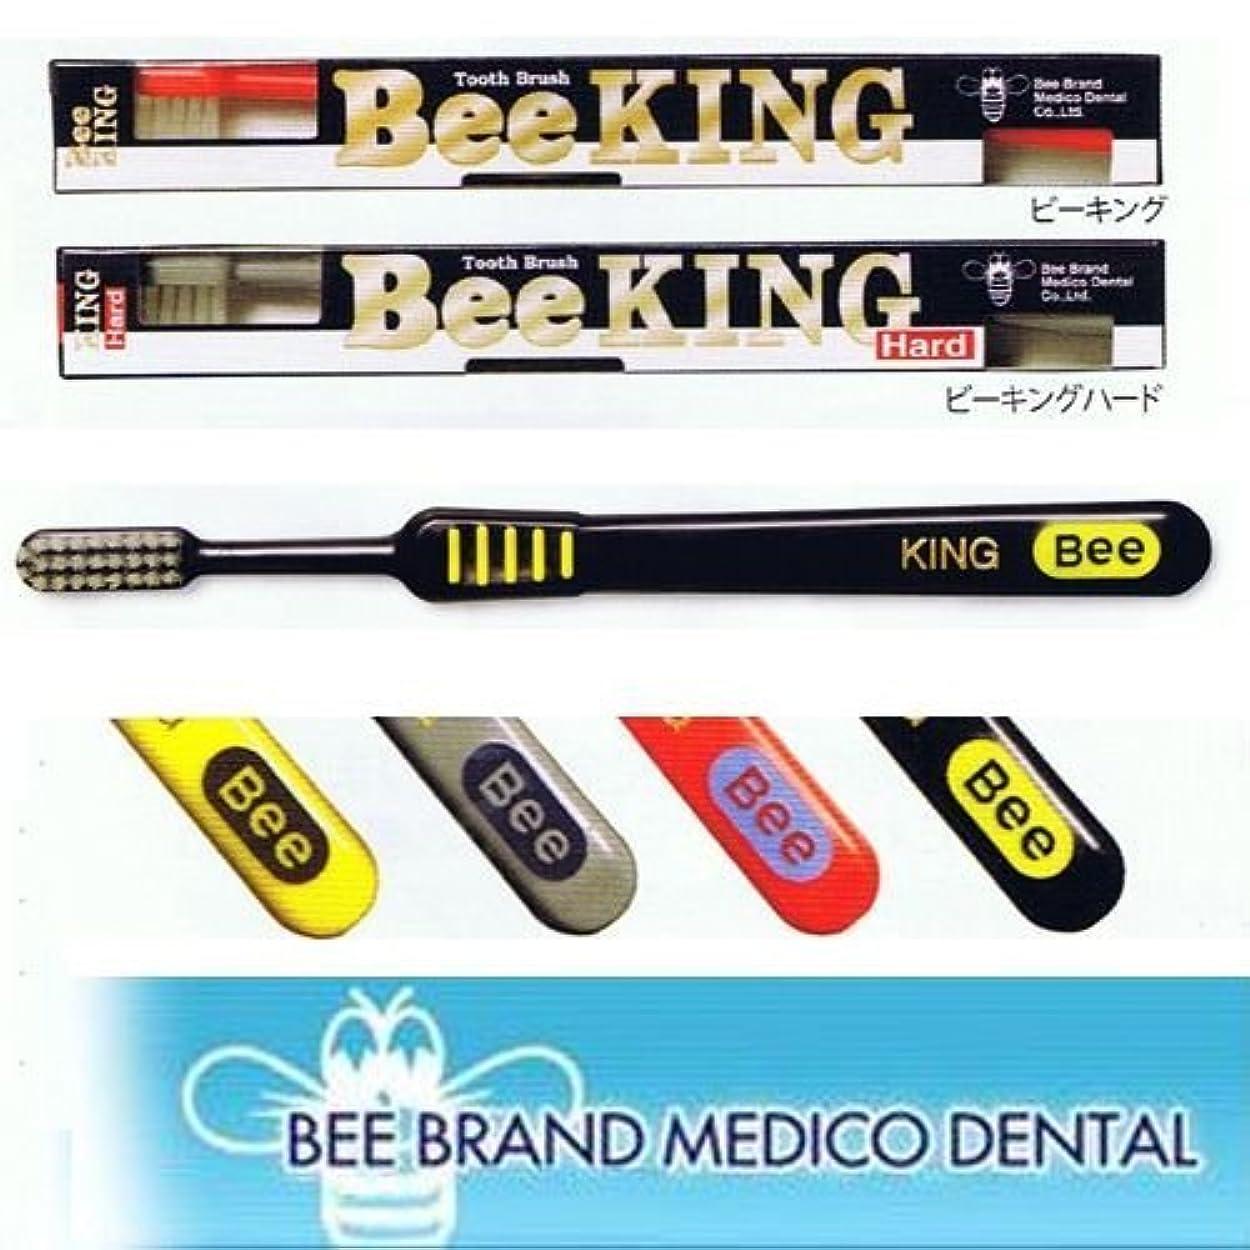 吸い込む水曜日遺体安置所BeeBrand Dr.BEE 歯ブラシ キング ふつう